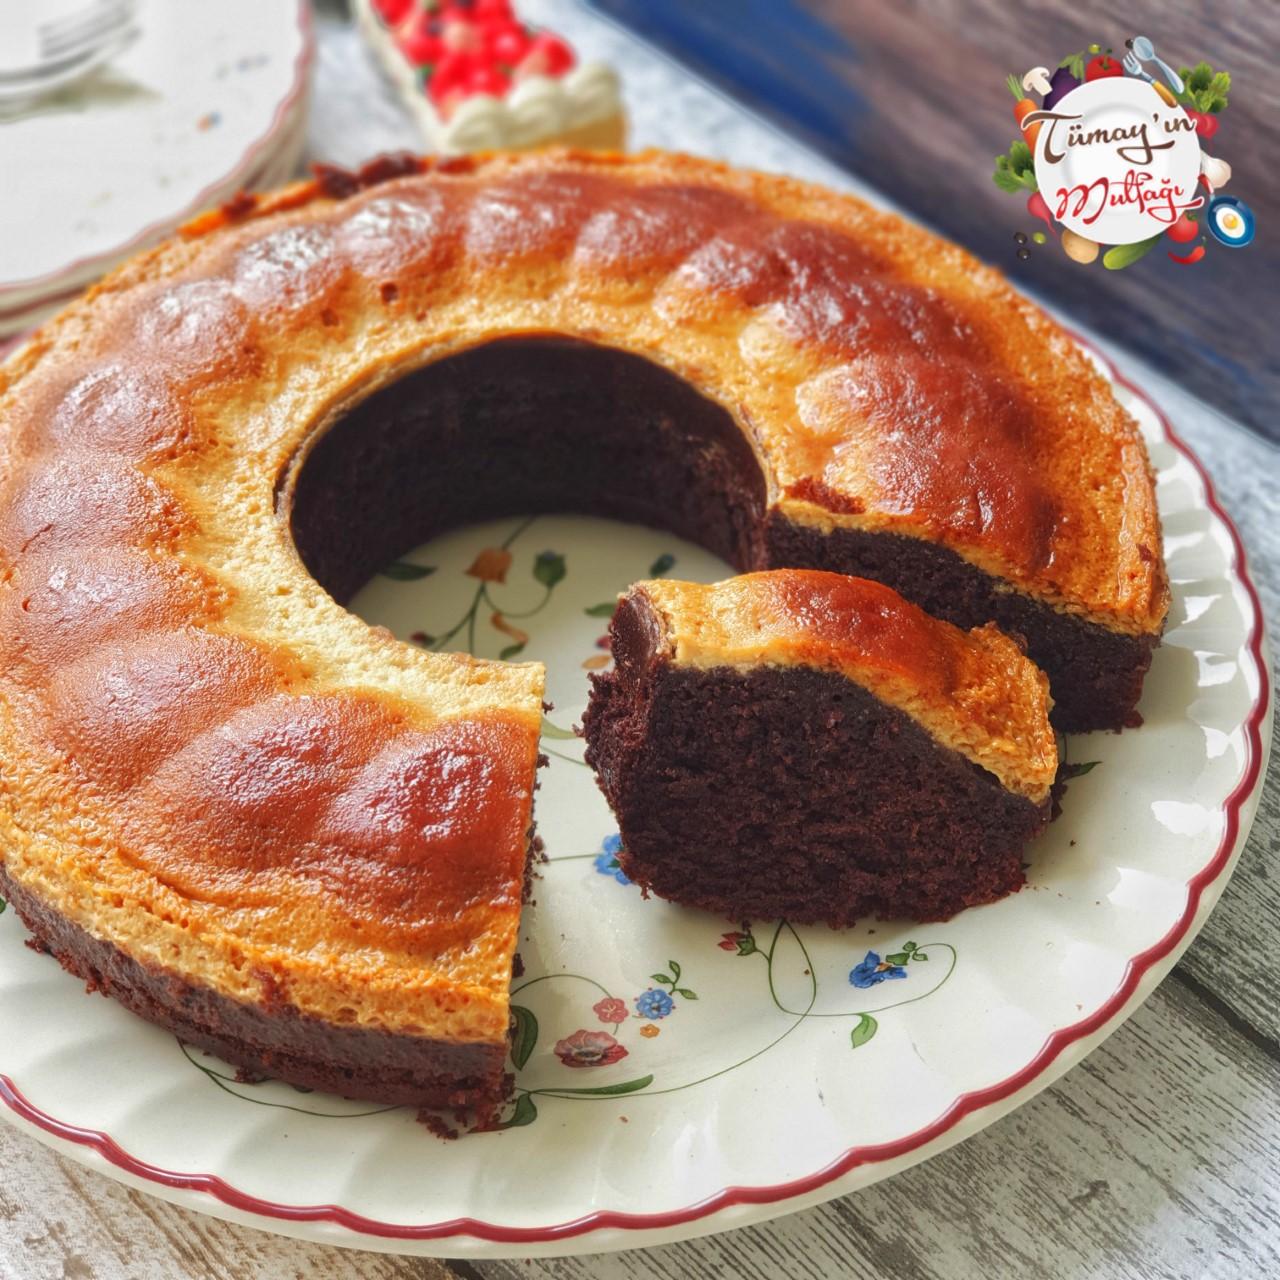 krem karamelli kek1